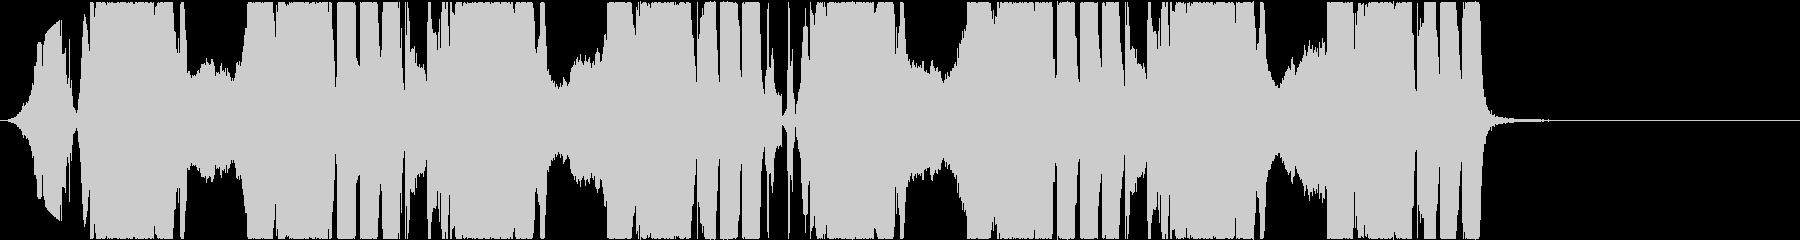 ジングル向け ショートバージョン1の未再生の波形